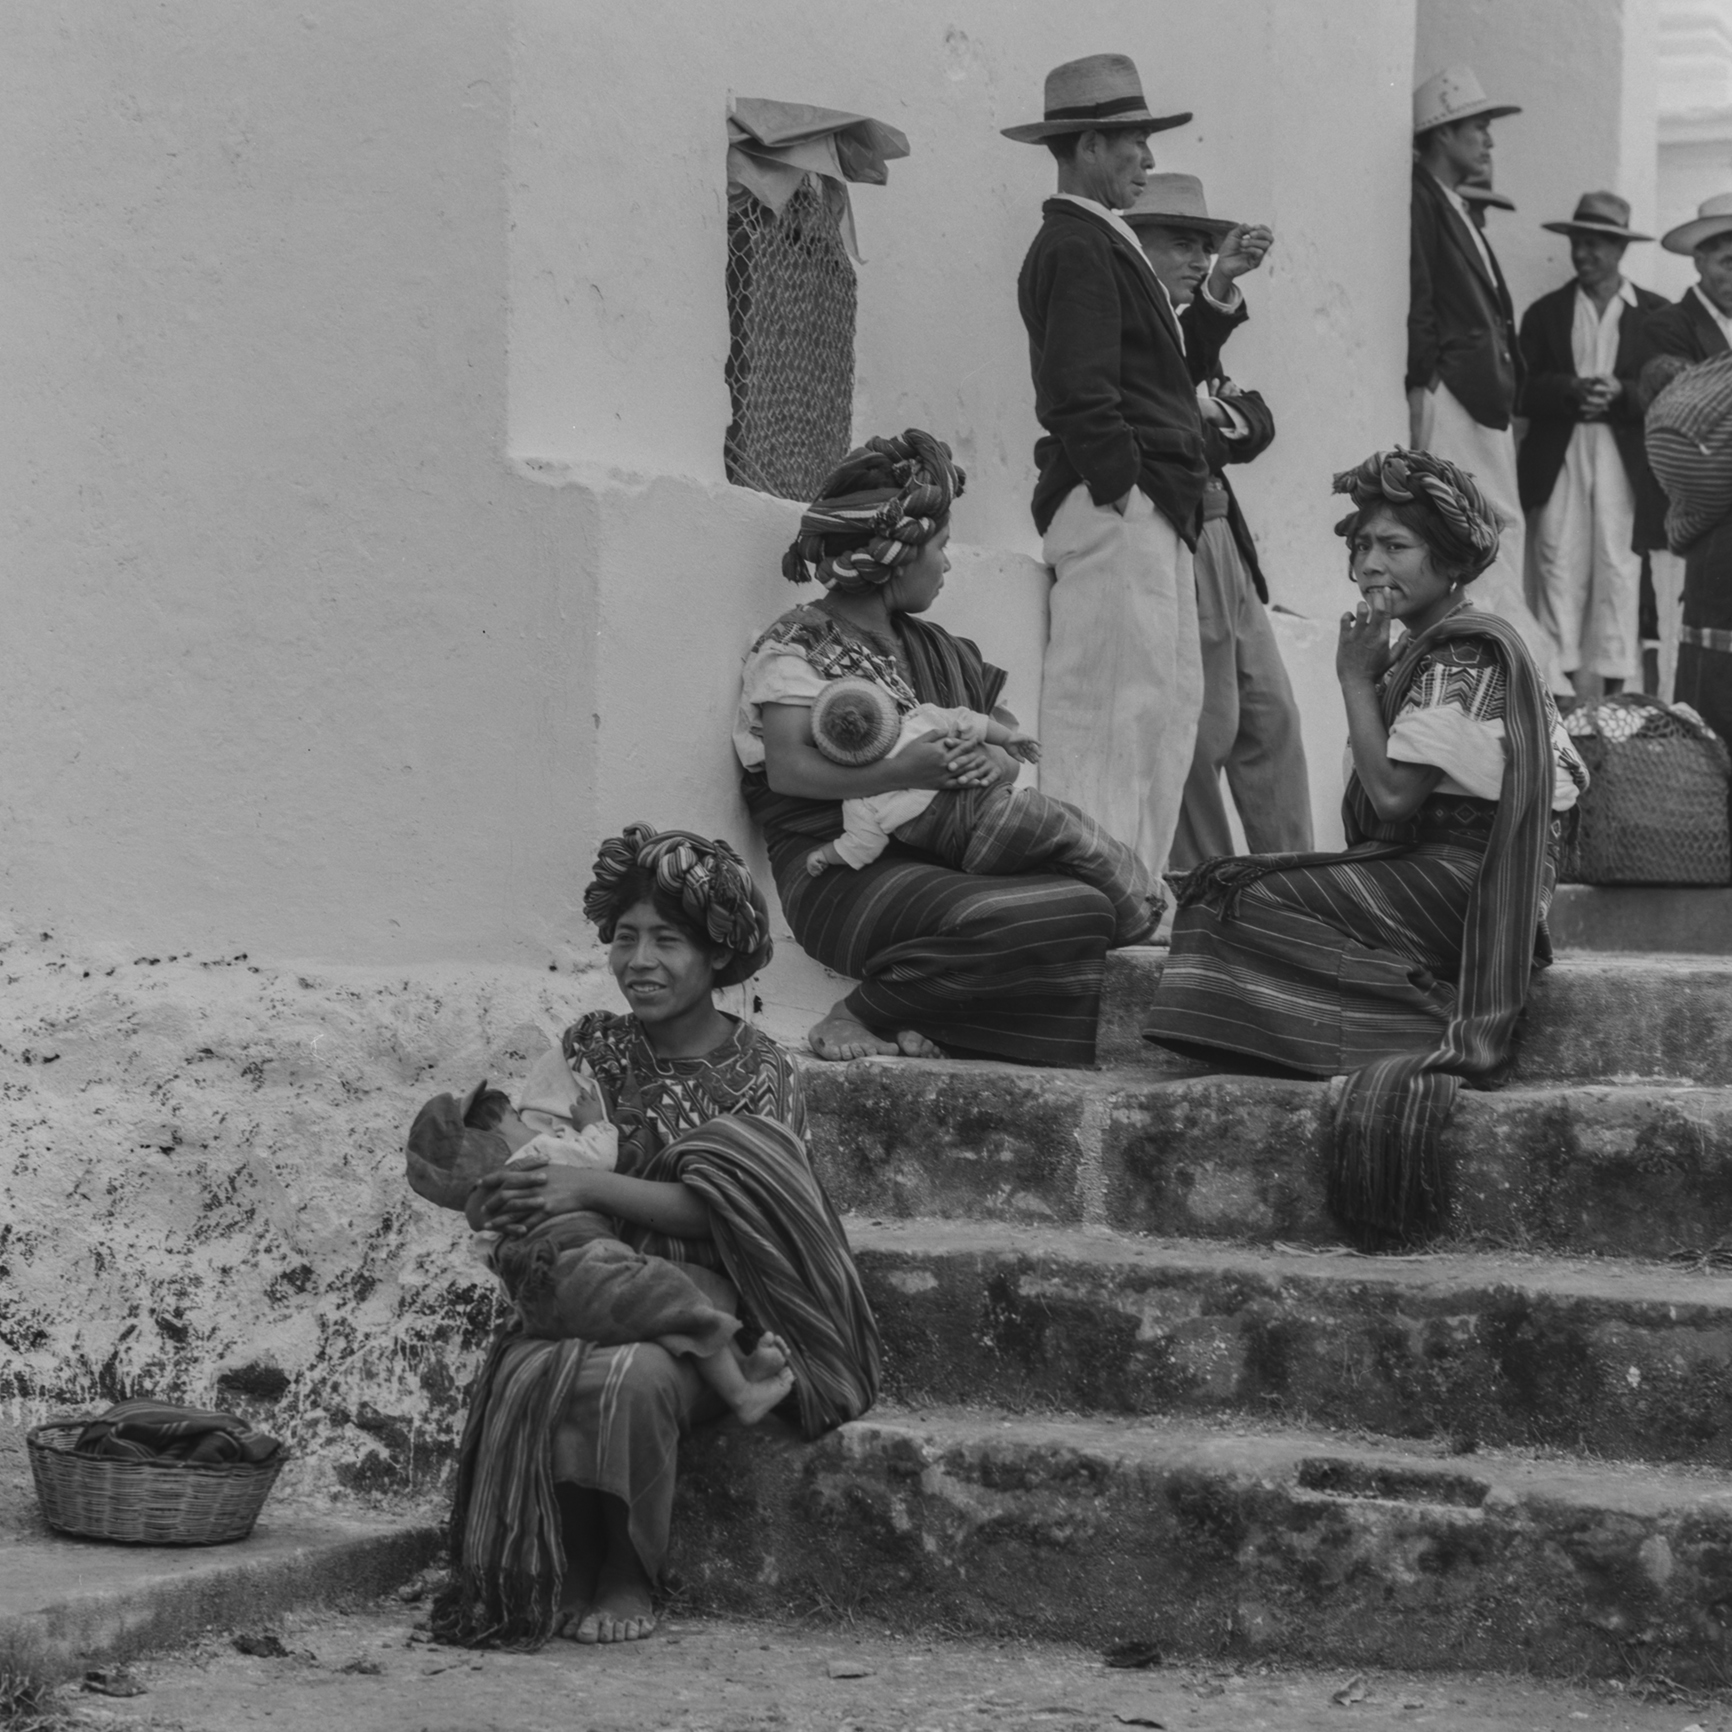 Chichicastenango, Guatemala. 1962